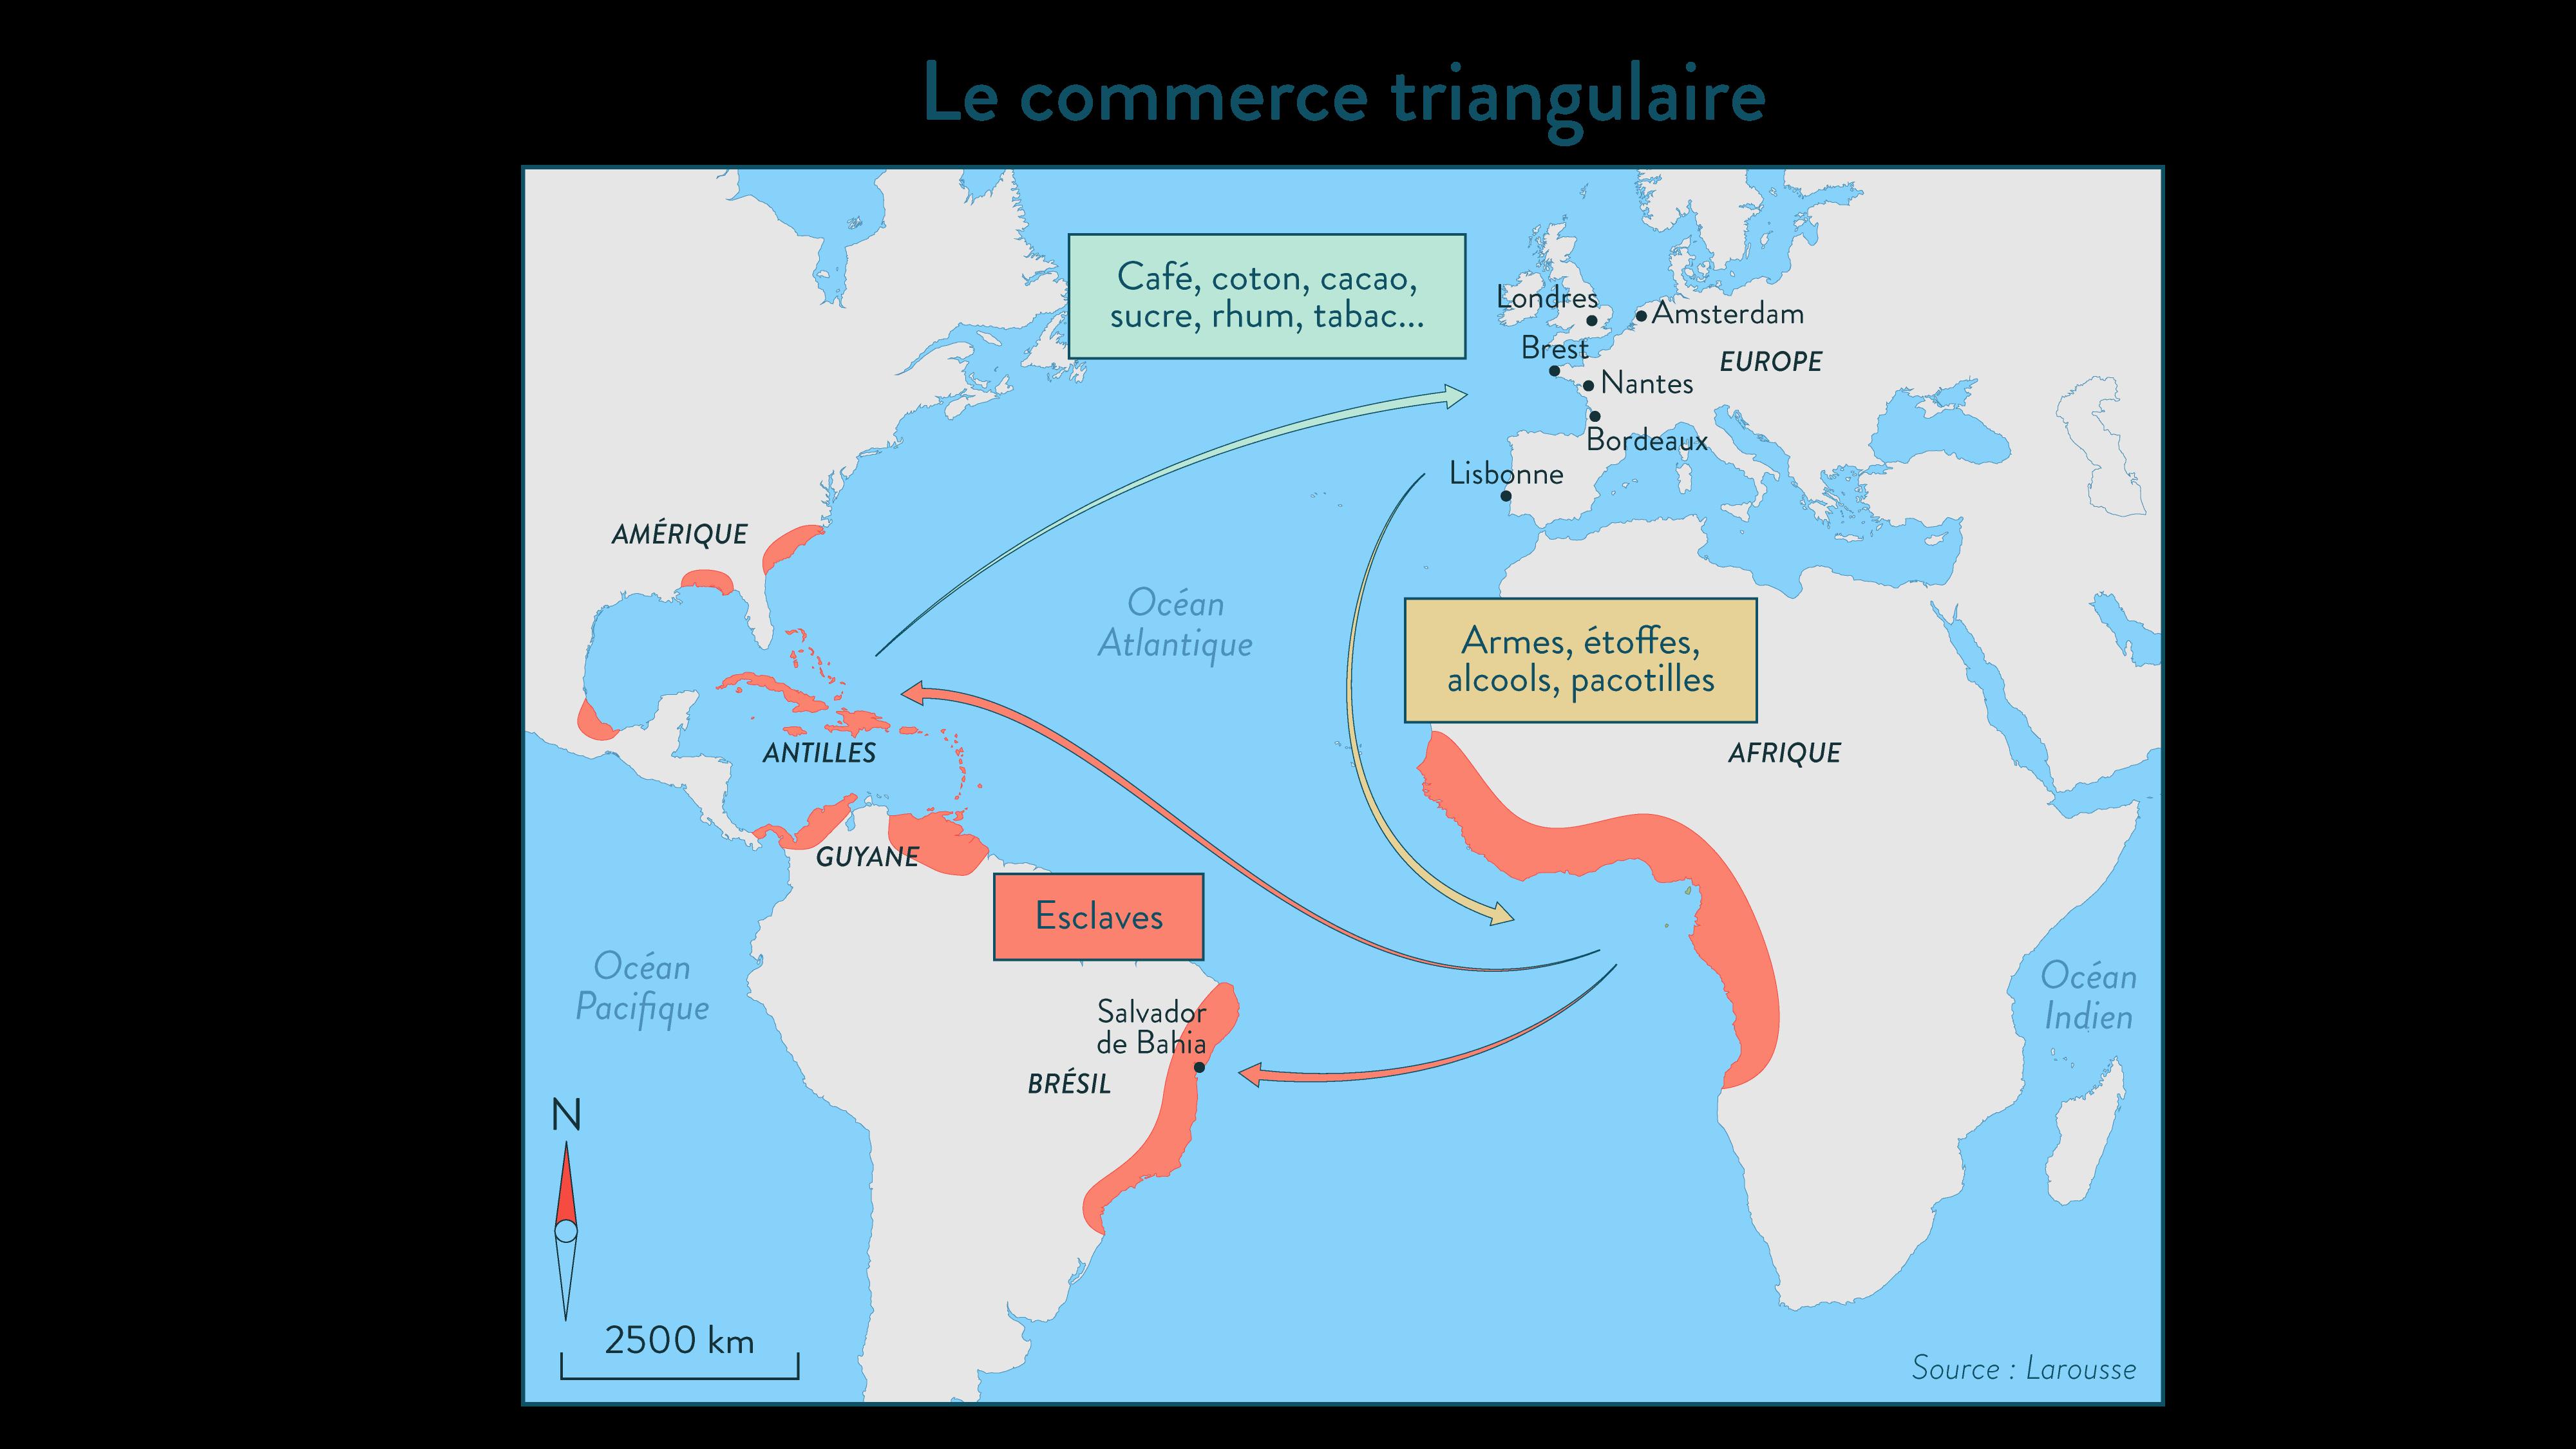 Le commerce triangulaire - 2de - Hsitoire - SchoolMouv